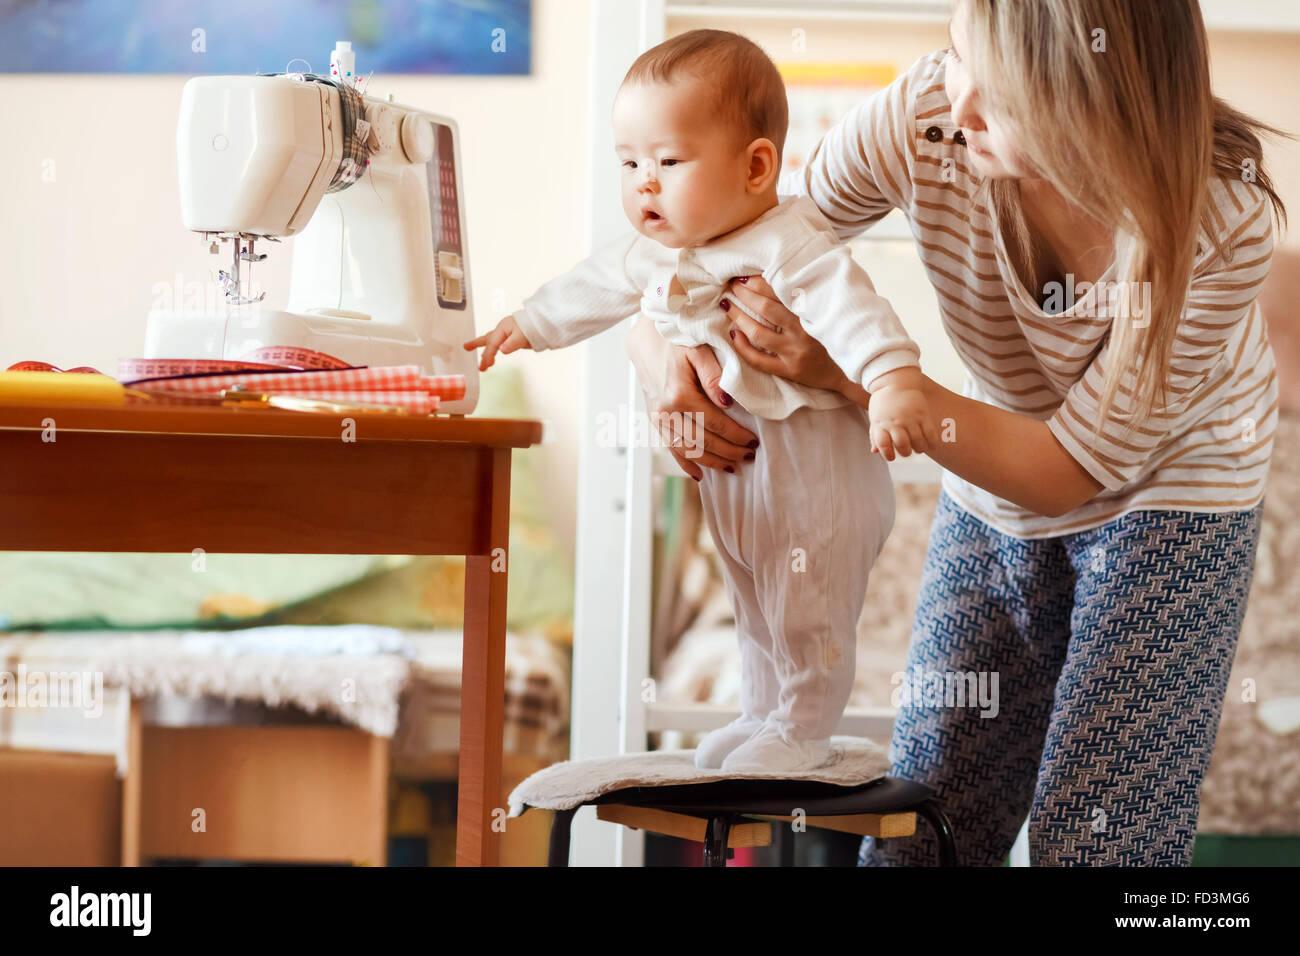 La mère et du nourrisson, la maison, les premiers pas de bébé, éclairage naturel. Combinées au travail de garde d'enfants à la maison. Banque D'Images